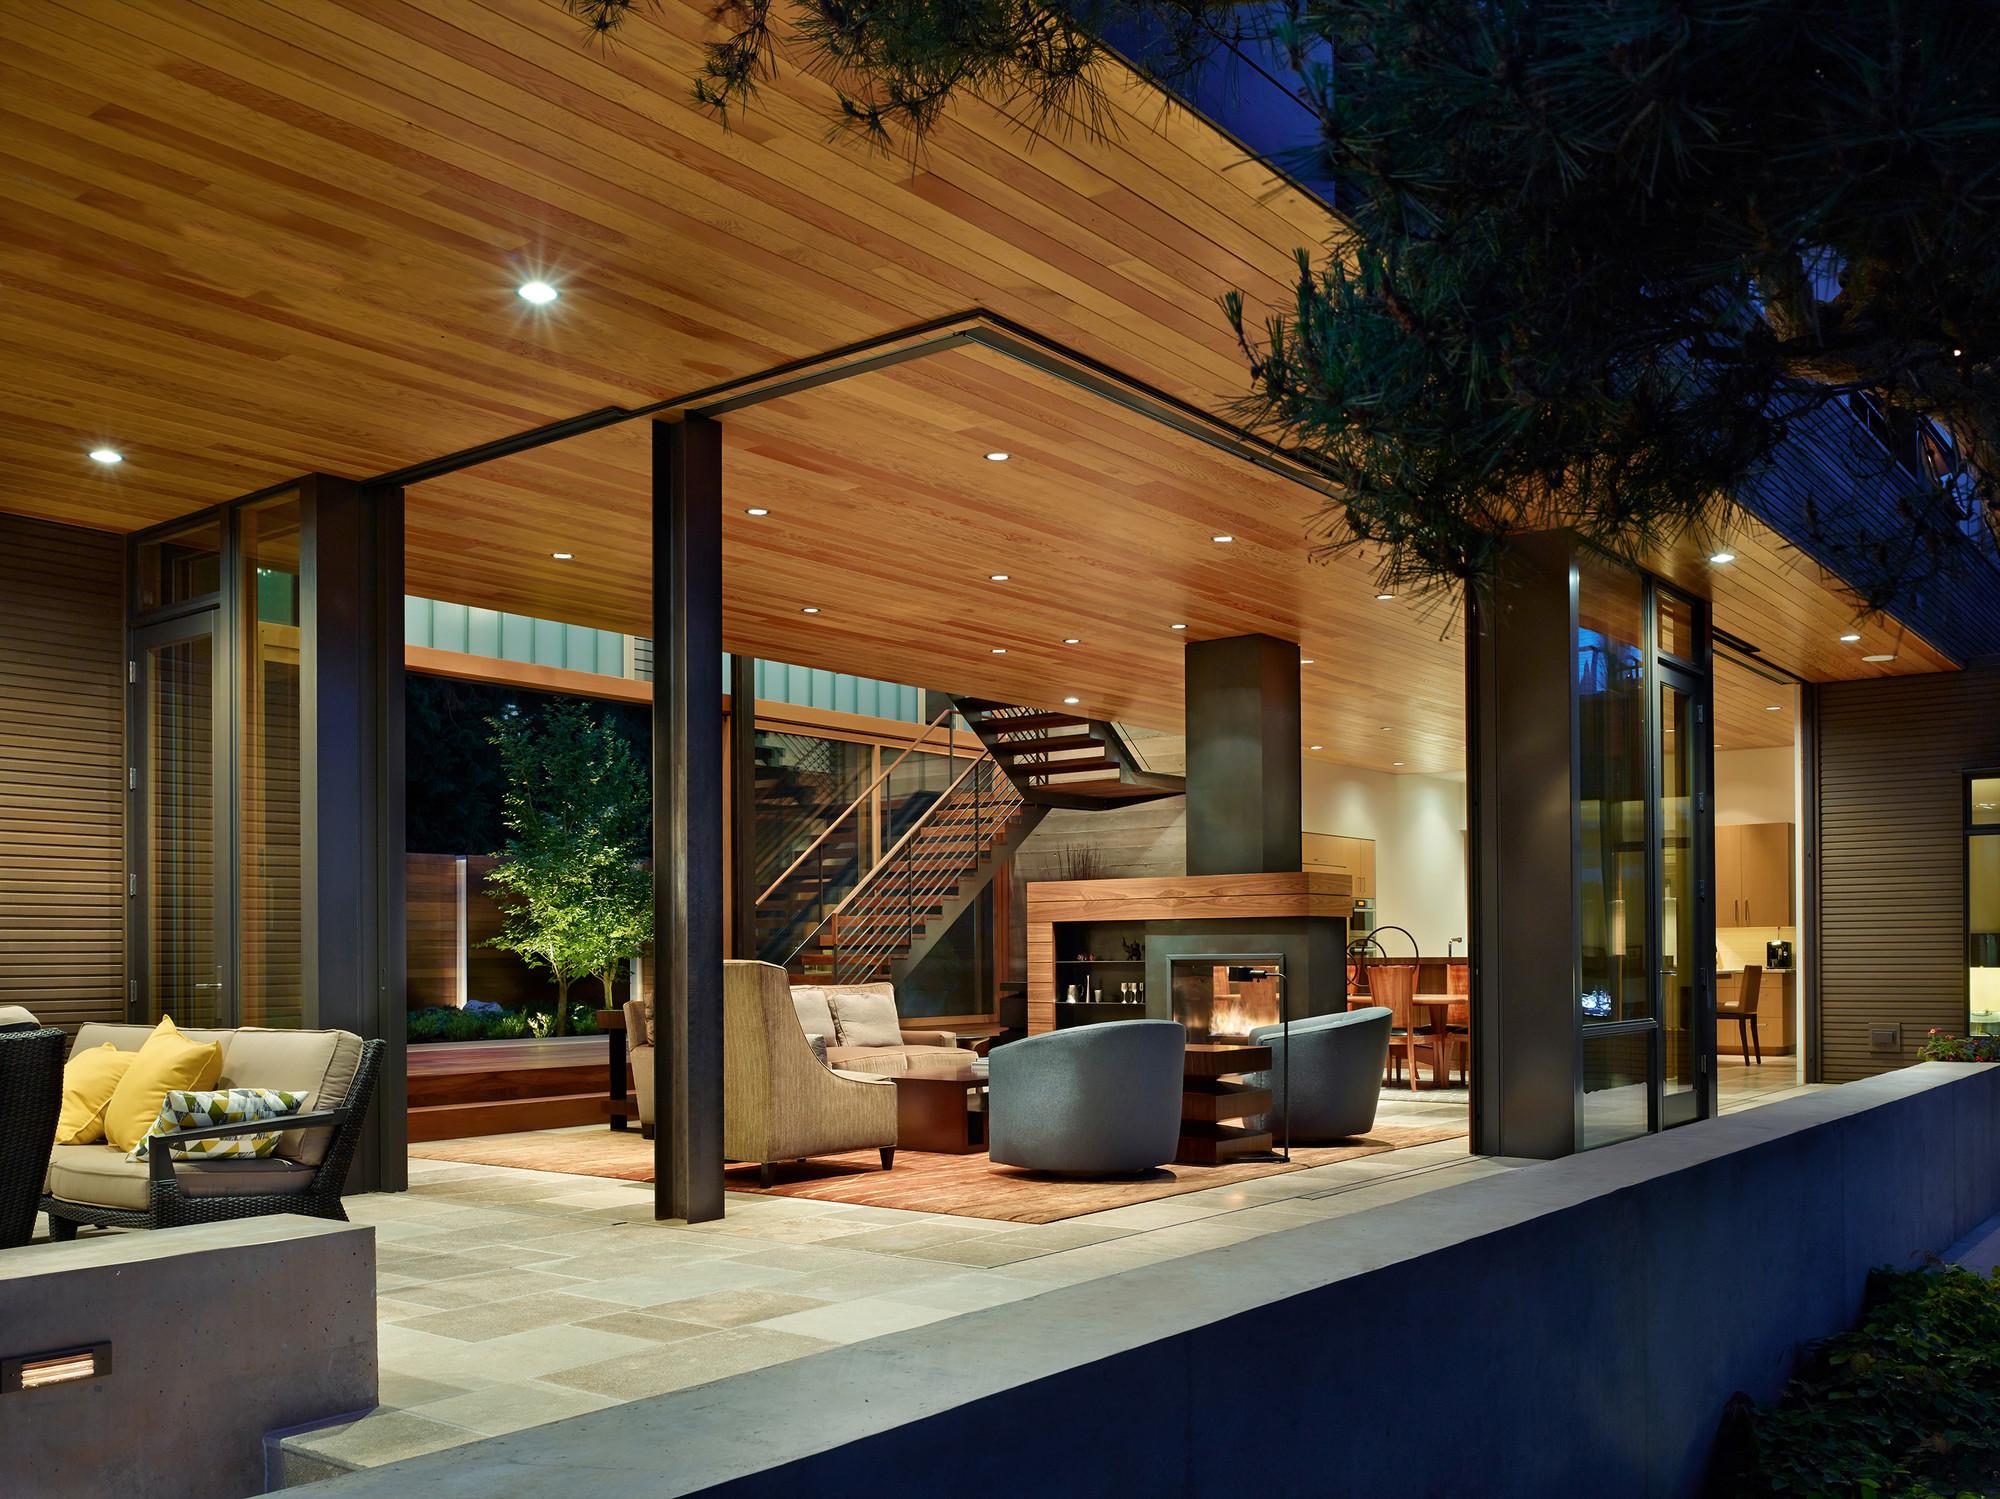 Courtyard House   DeForest Architects   ArchDailyBenjamin Benschneider